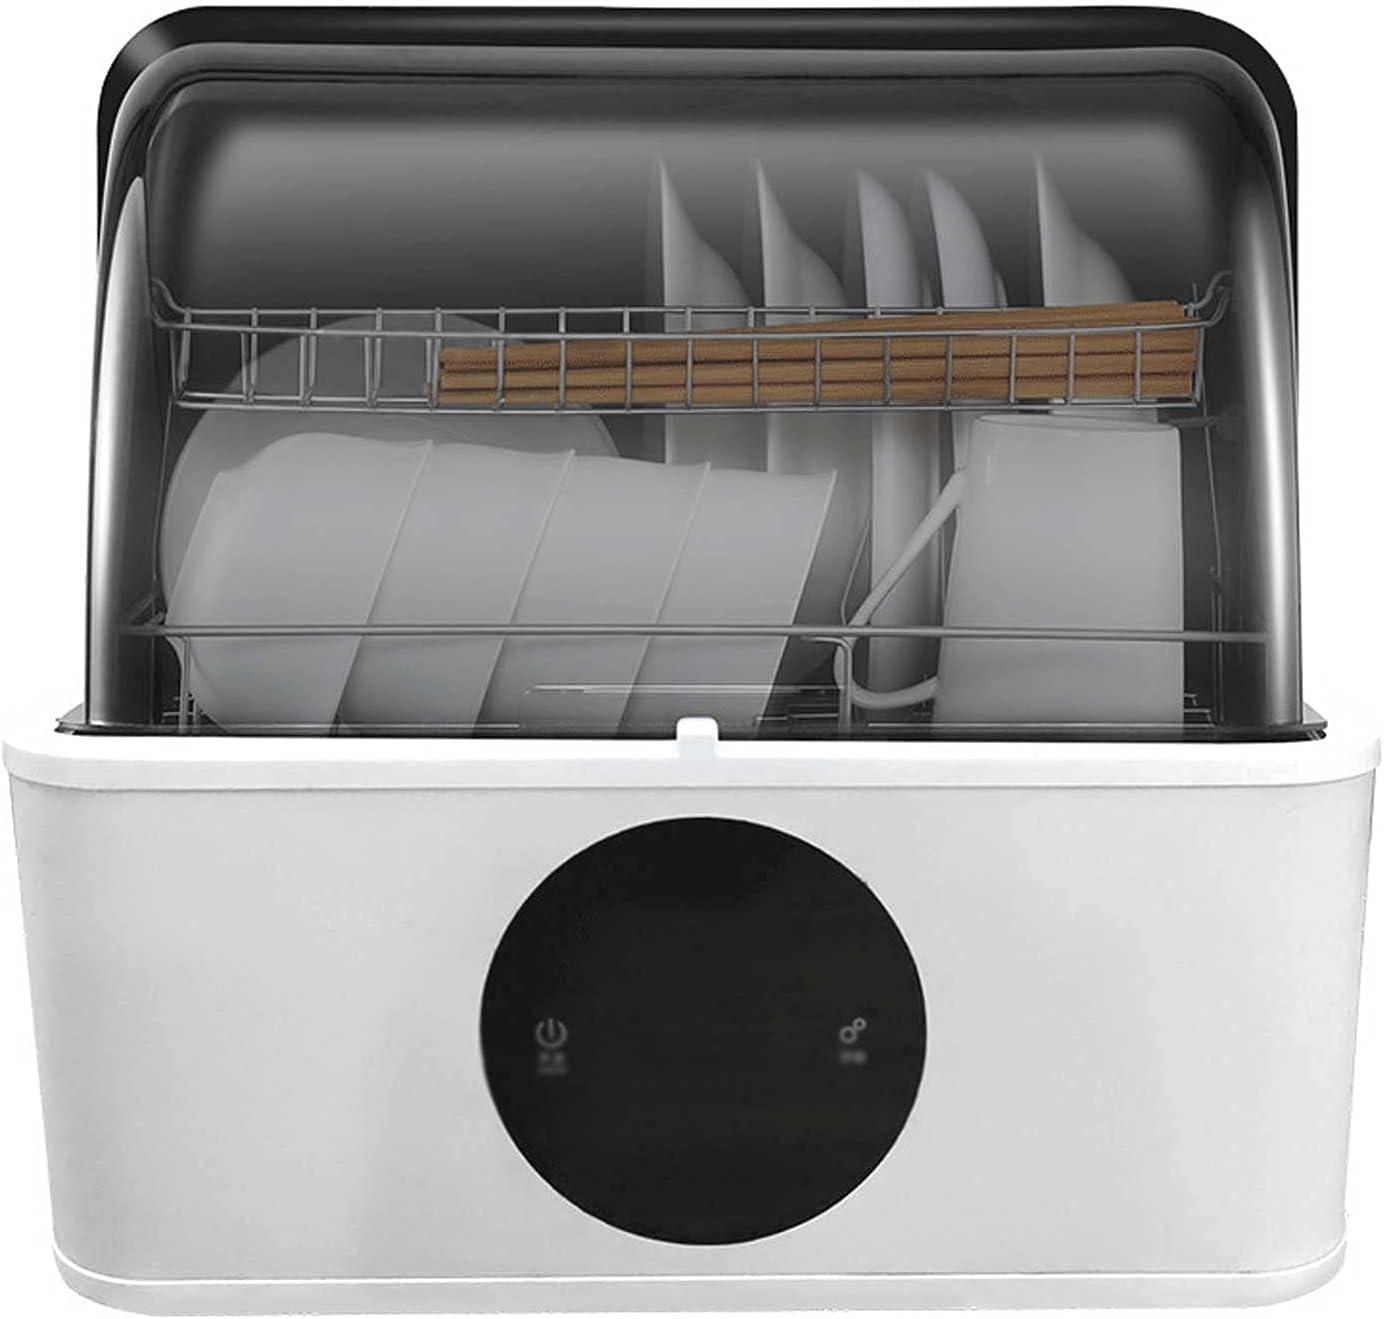 MOSHUO Mini lavavajillas de encimera, lavavajillas portátil de Tipo Compacto, con 6 programas de Lavado, Adecuado para su Uso por 2 a 6 Personas (43 x 42 x 40,9 cm)